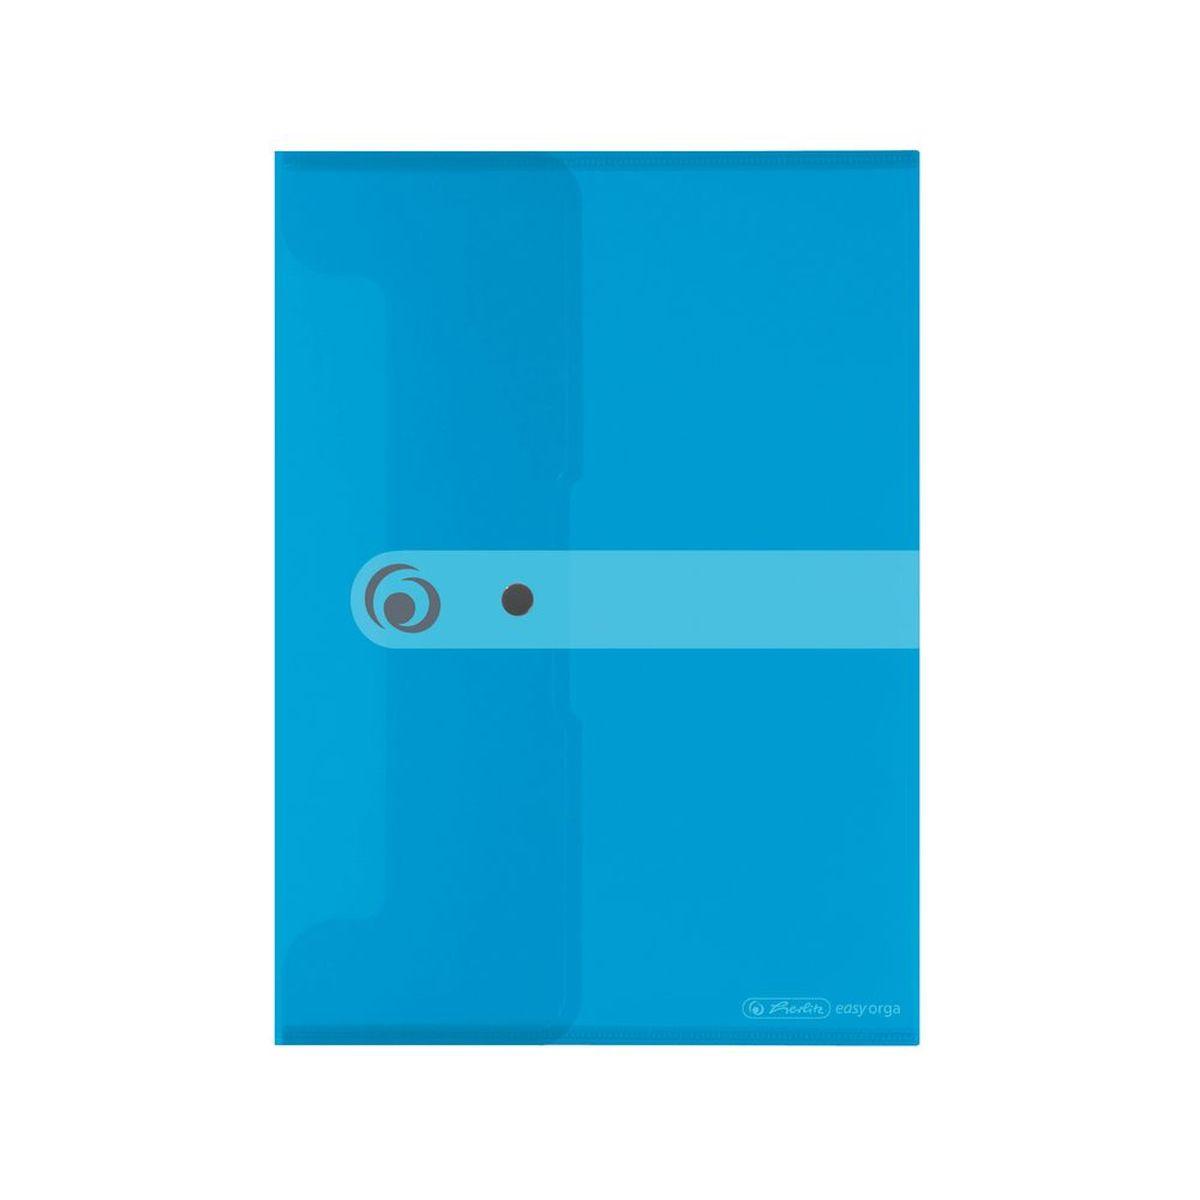 Herlitz Папка-конверт Easy orga формат A5 цвет синий11207073Папка-конверт для документов Herlitz Easy orga станет вашим верным помощником дома и в офисе.Это удобный и функциональный инструмент, предназначенный для хранения и транспортировки больших объемов рабочих бумаг и документов формата А5. Папка изготовлена из качественного полипропилена. Состоит из одного вместительного отделения. Закрывается папка просто и удобно - при помощи кнопки, которая ее надежно фиксирует.Папка - это незаменимый атрибут для любого студента, школьника или офисного работника. Такая папка надежно сохранит ваши бумаги и сбережет их от повреждений, пыли и влаги.